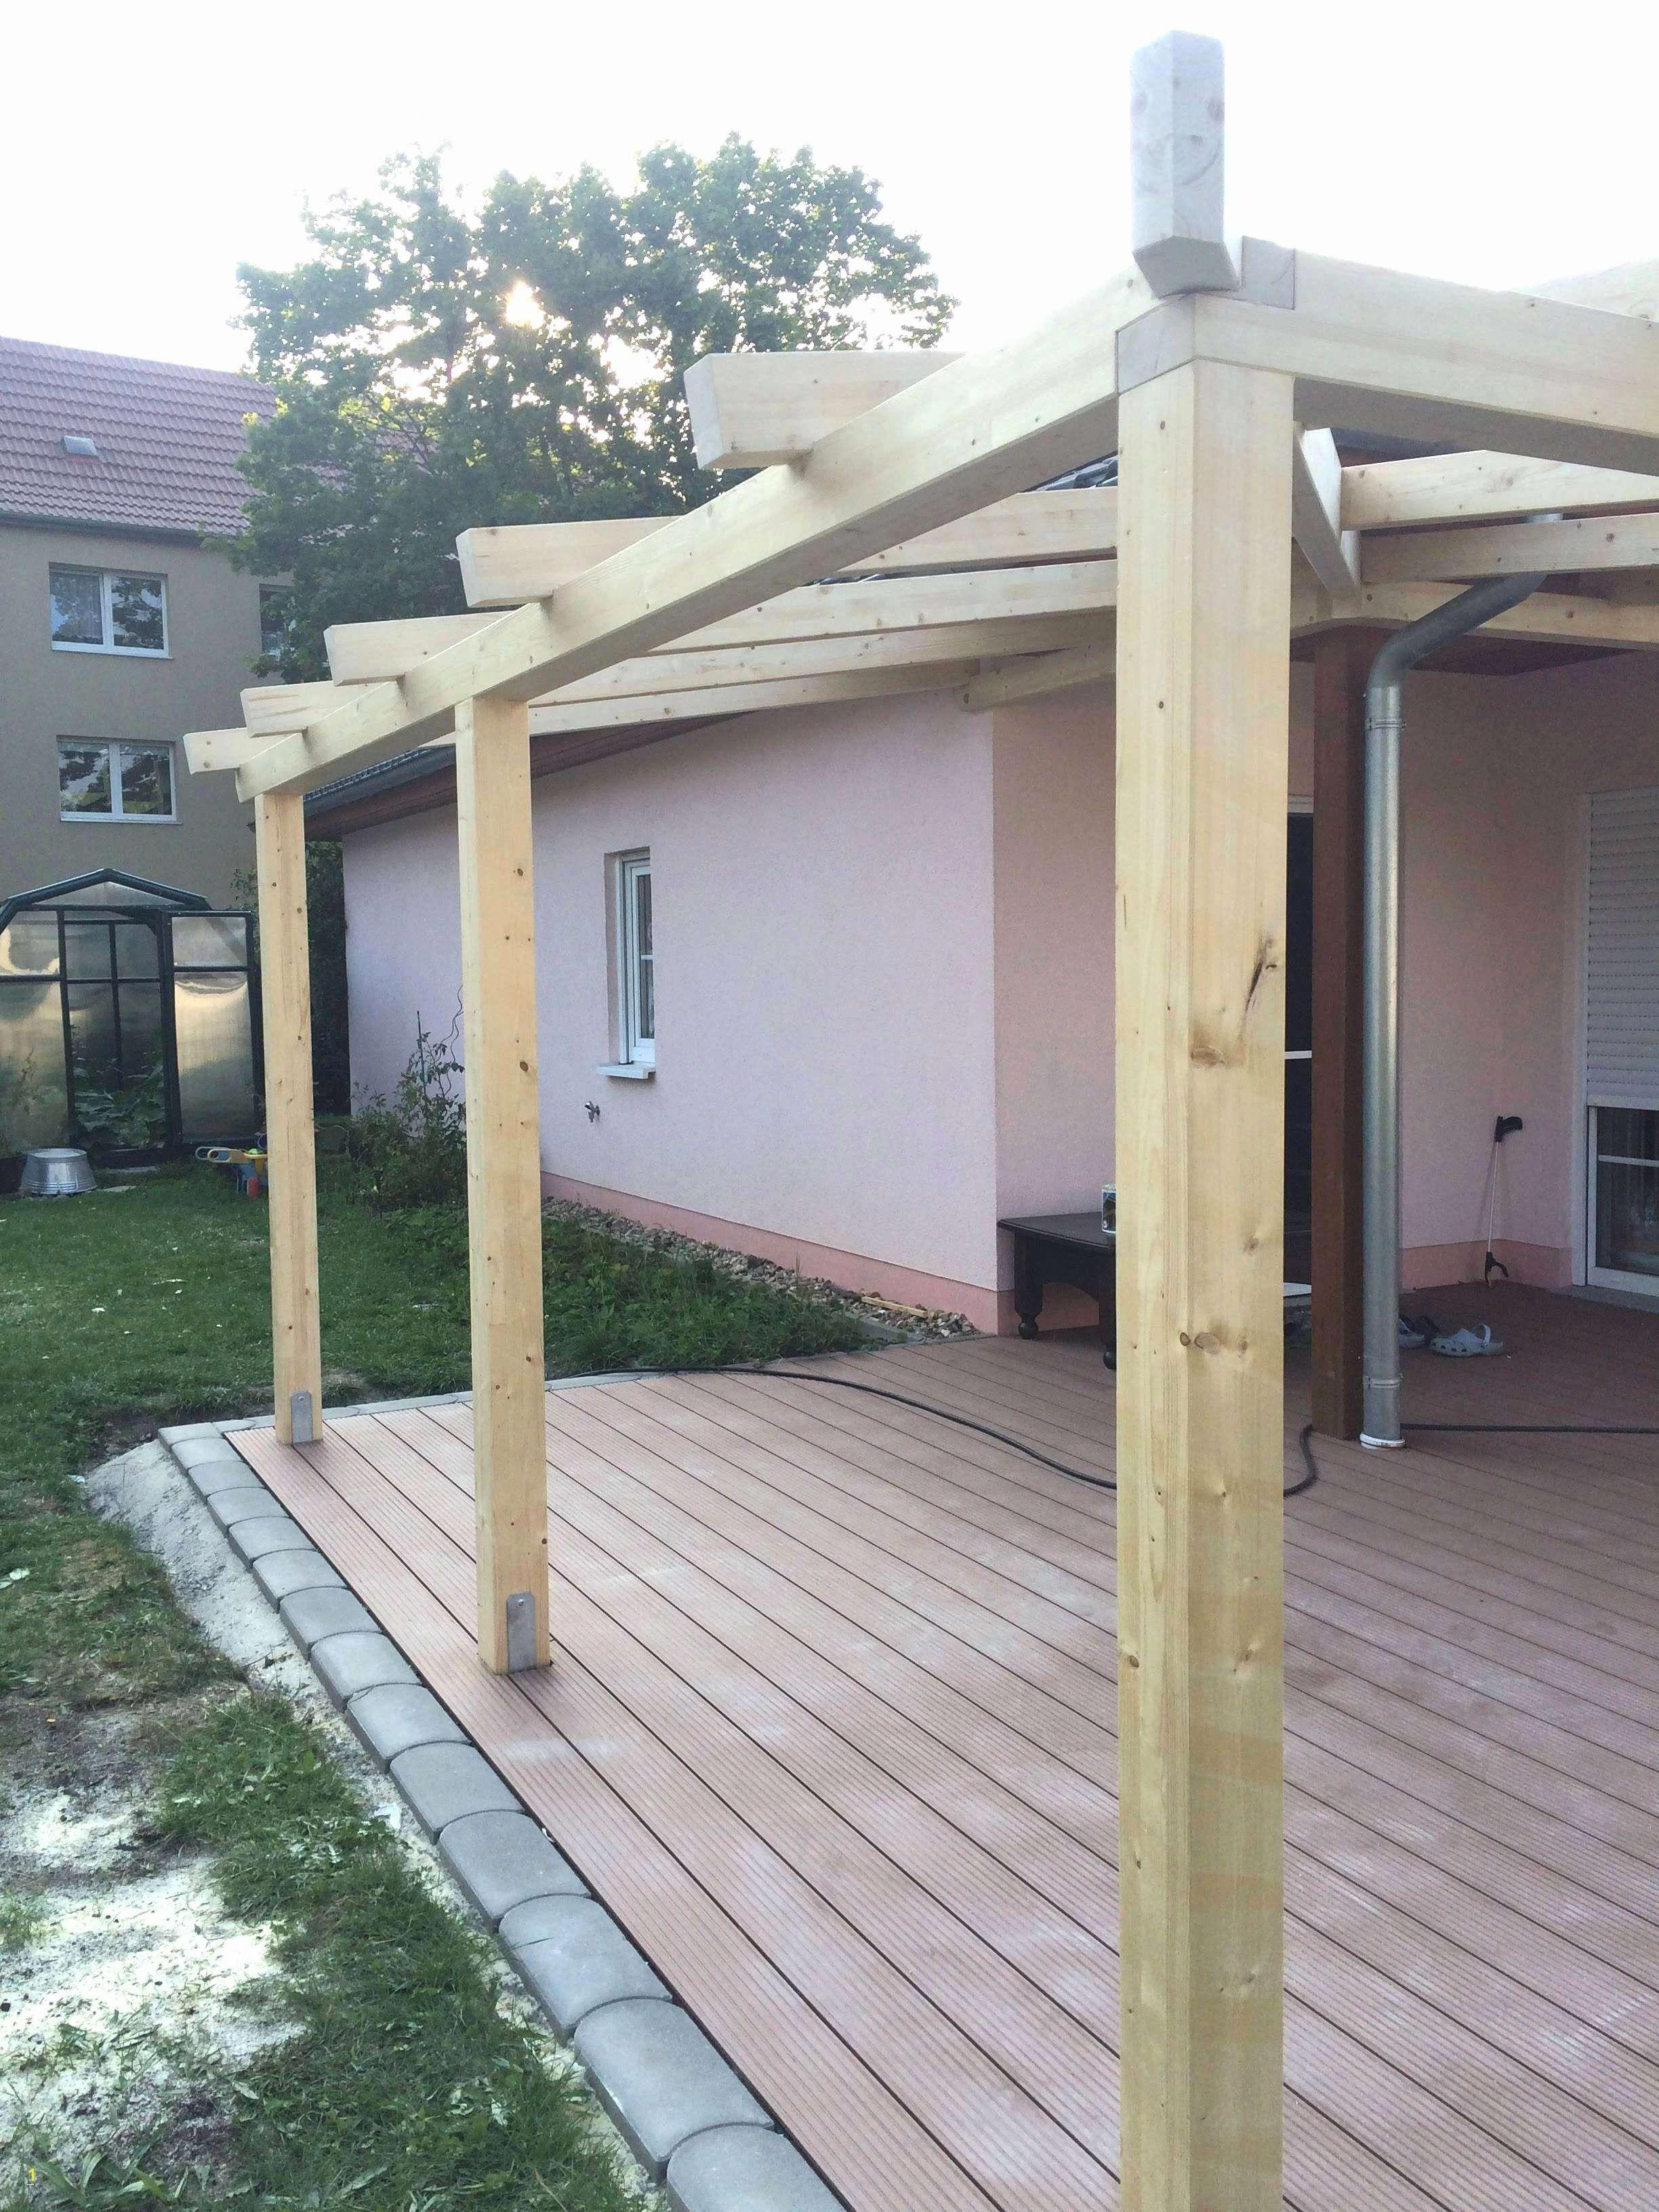 Oberteil 45 Zum Holztür Gartenhaus Selber Bauen